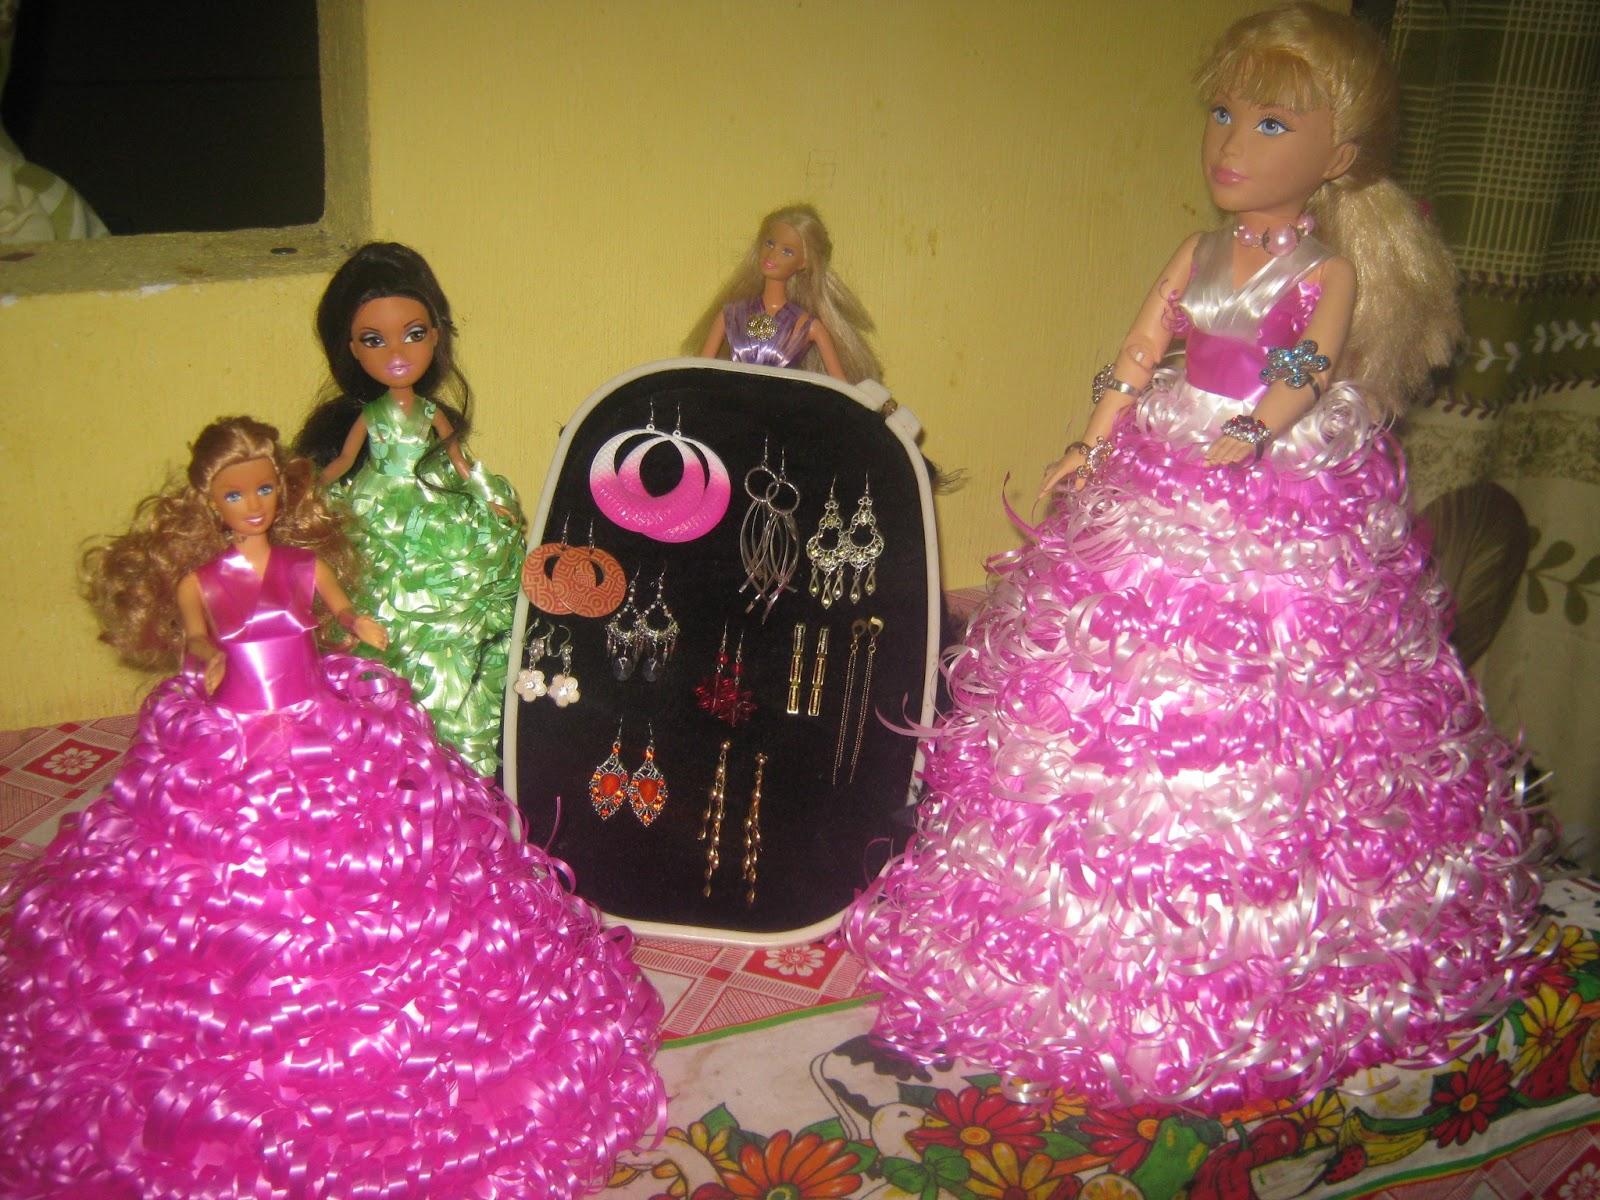 Muñecas de foami para 15 años - Imagui